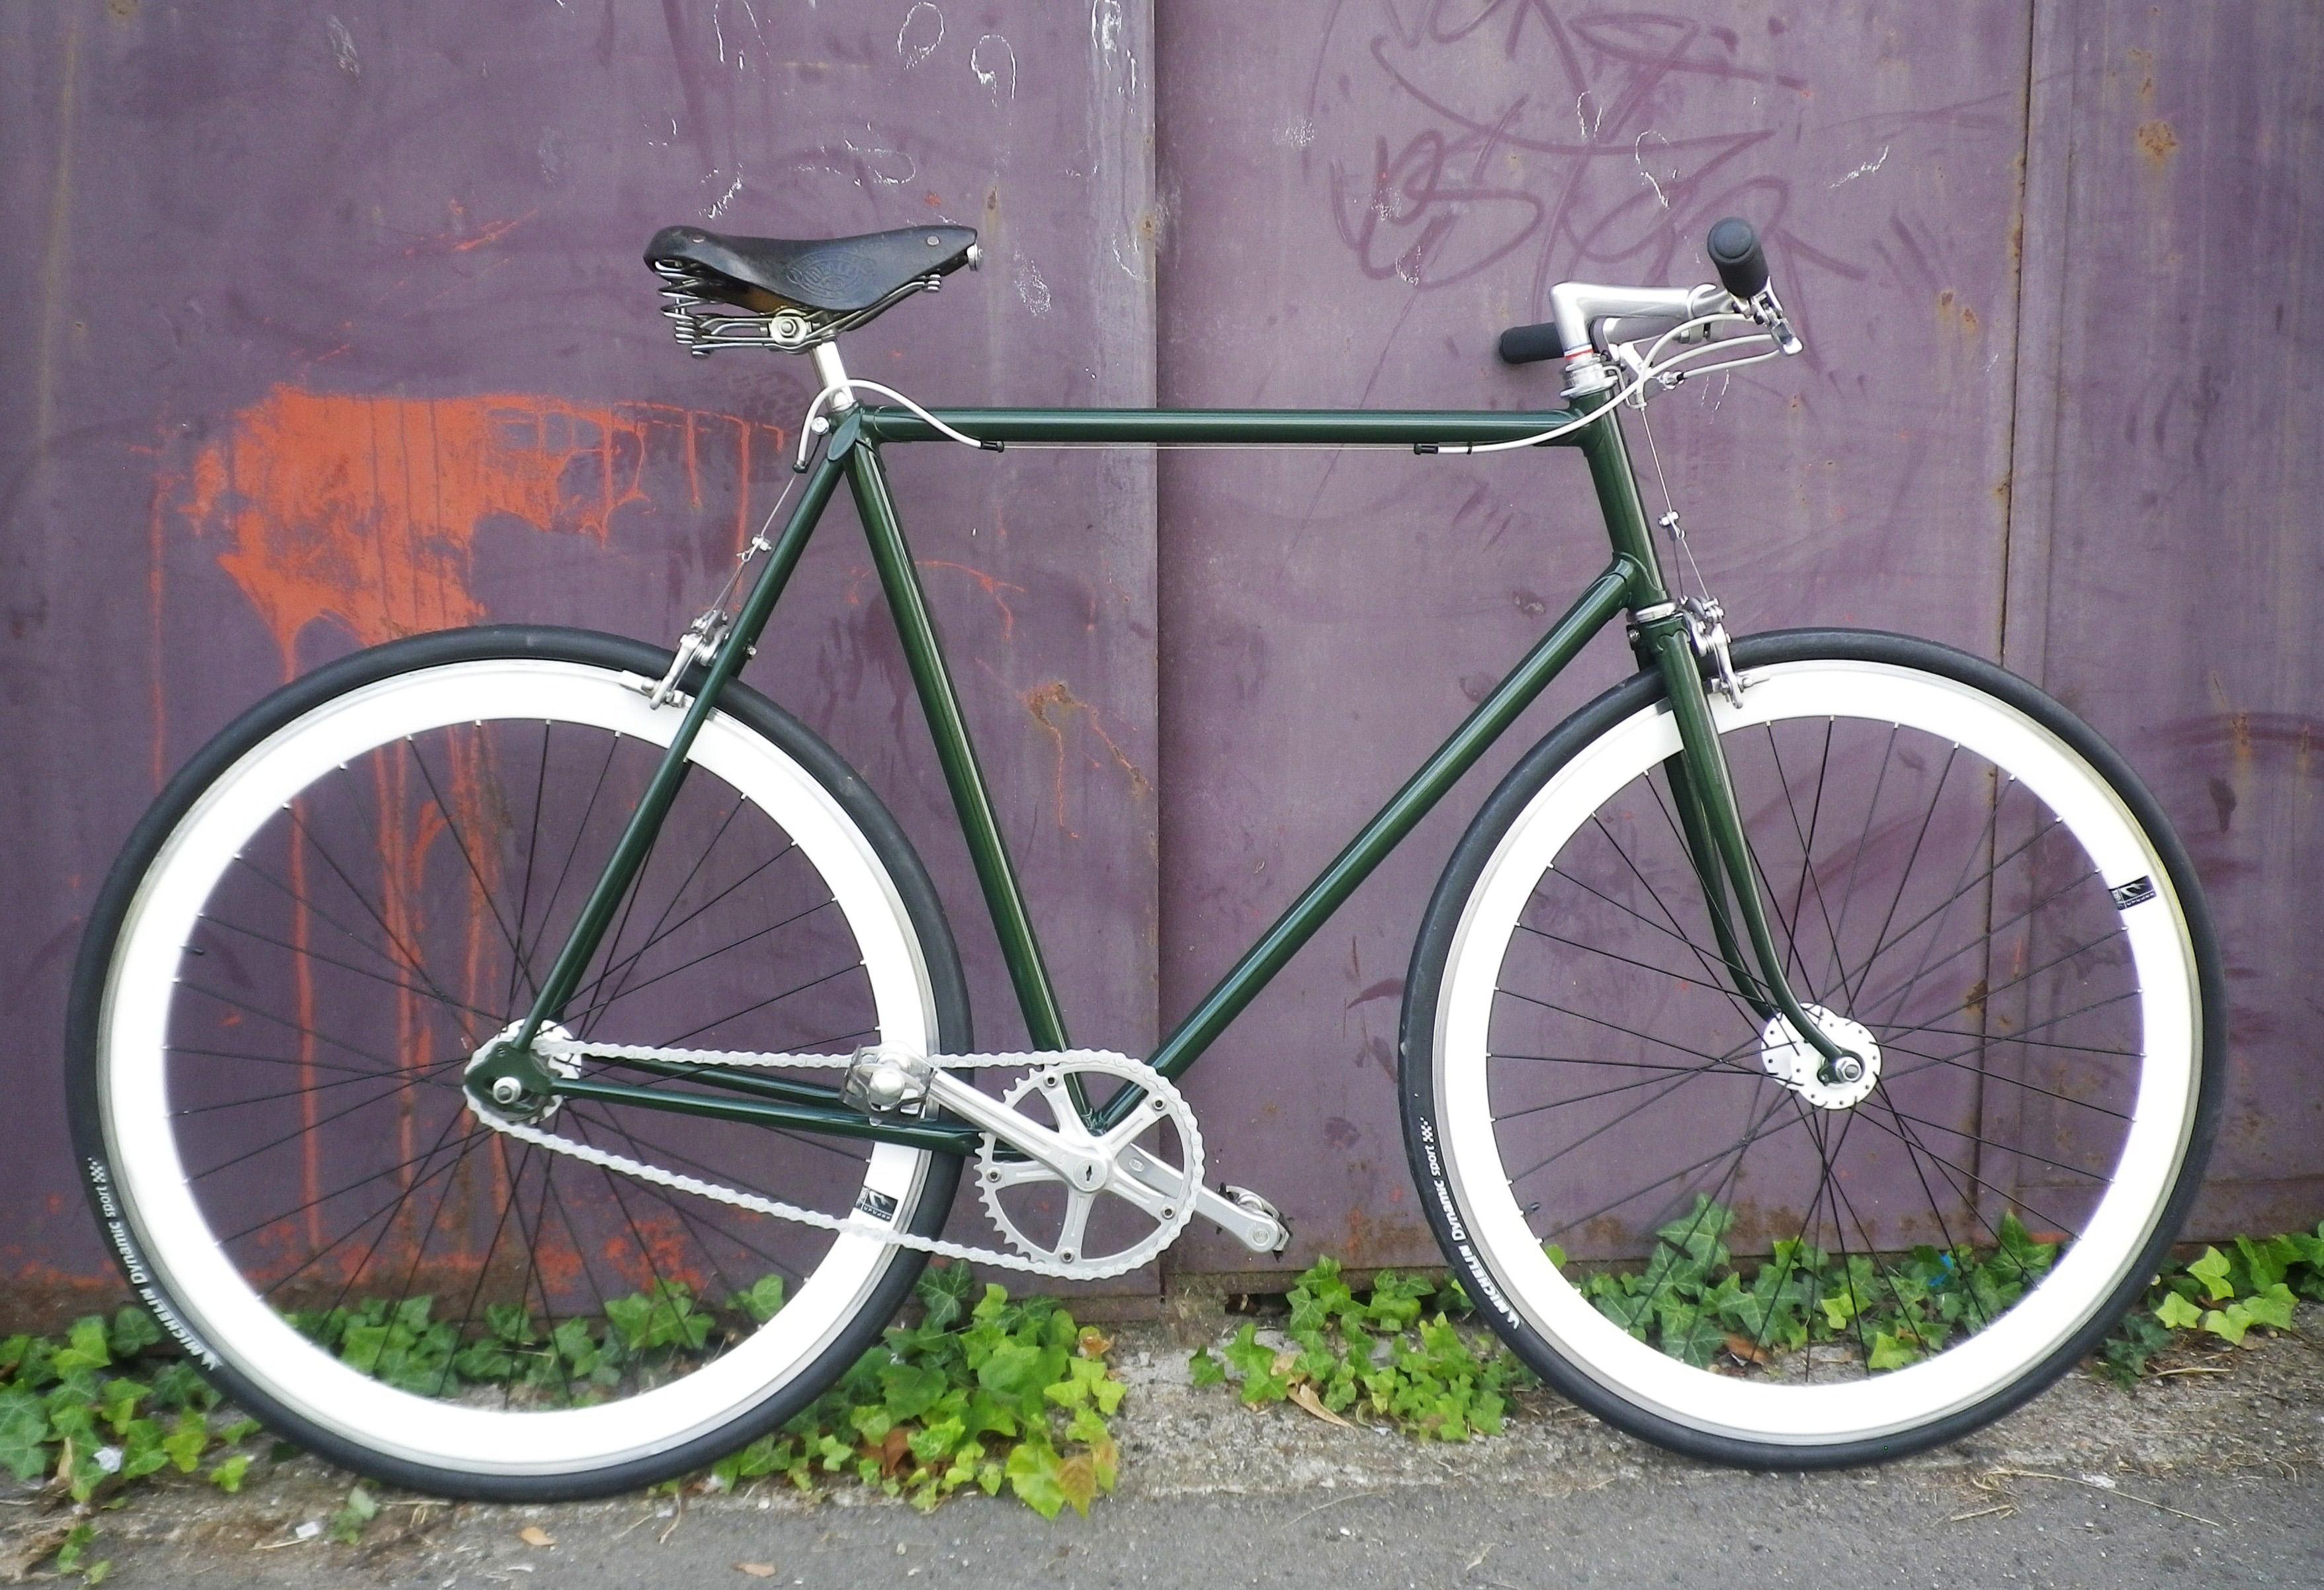 Clavette de vélo pour pédalier 8,7 mm 40 mm rétro bicyclette fabriqué en France